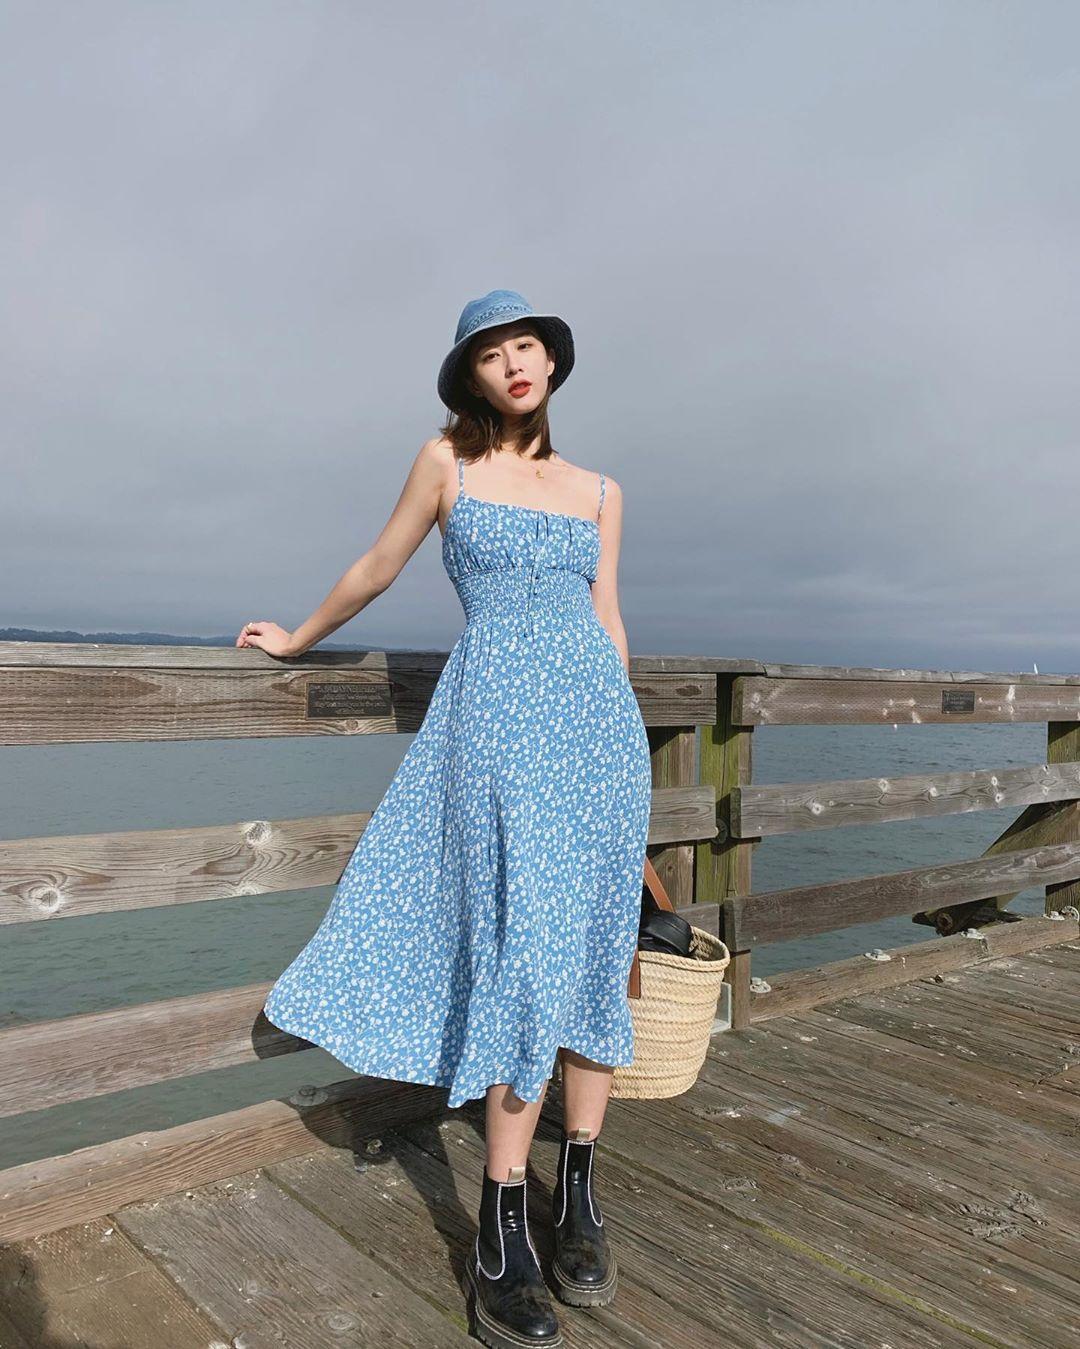 Sáng suốt nhất là tậu hết 5 mẫu váy hot trường tồn với thời gian sau đây, mặc chỉ xịn đẹp trở lên chứ không kém - Ảnh 21.